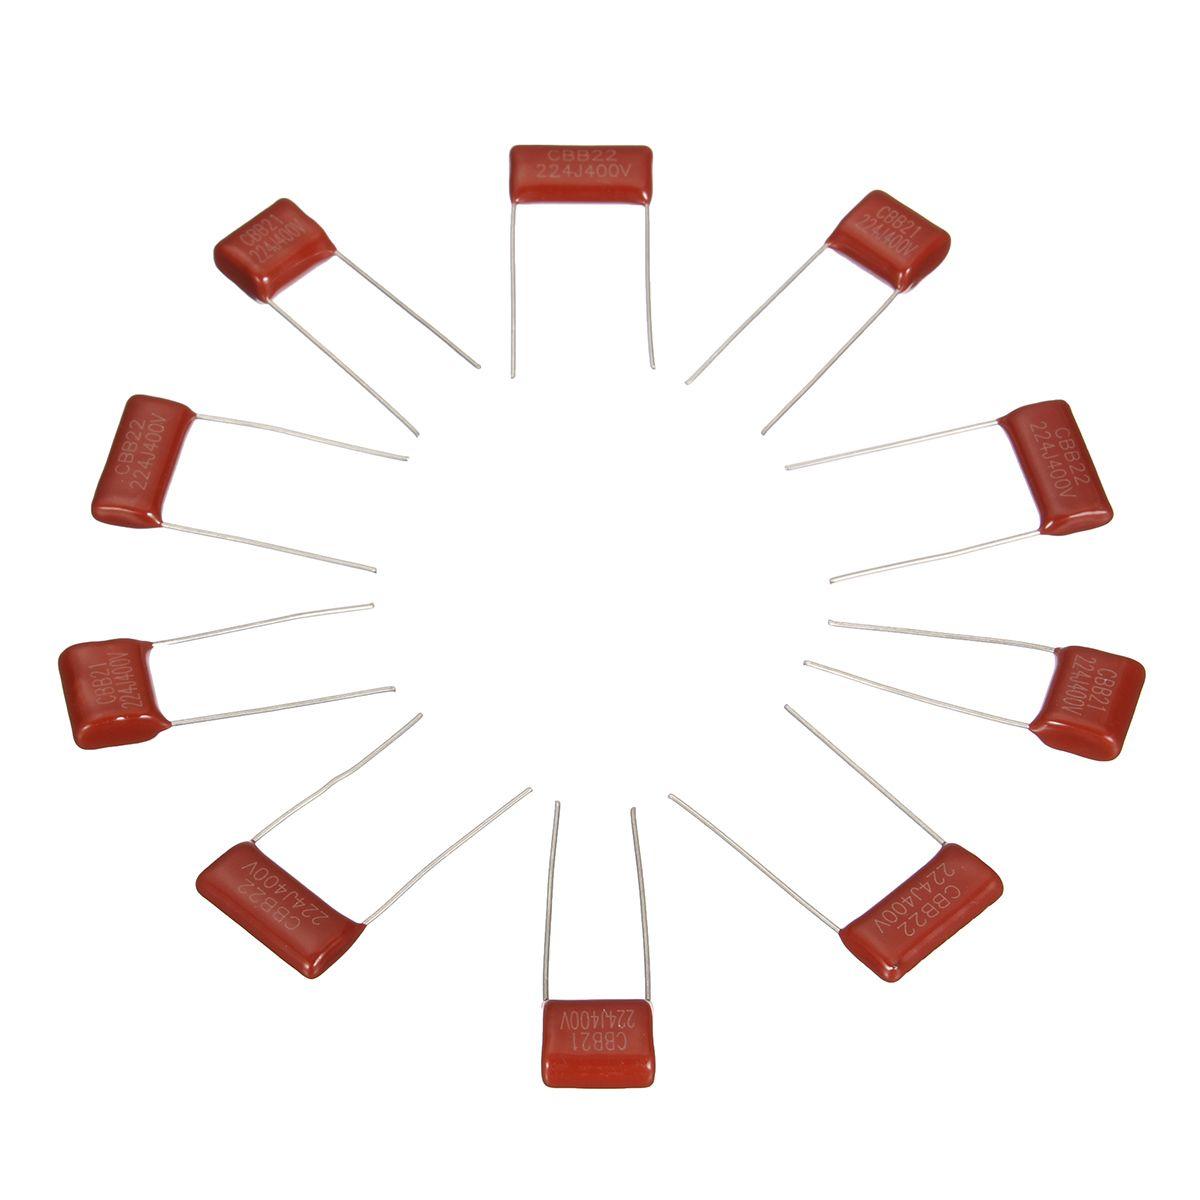 10pcs 400v224j 400v 0 22uf 220nf 400v 224j 224 Cbb Polypropylene Film Capacitor Wire Terminals Connectors Capacitors Electrician Tools